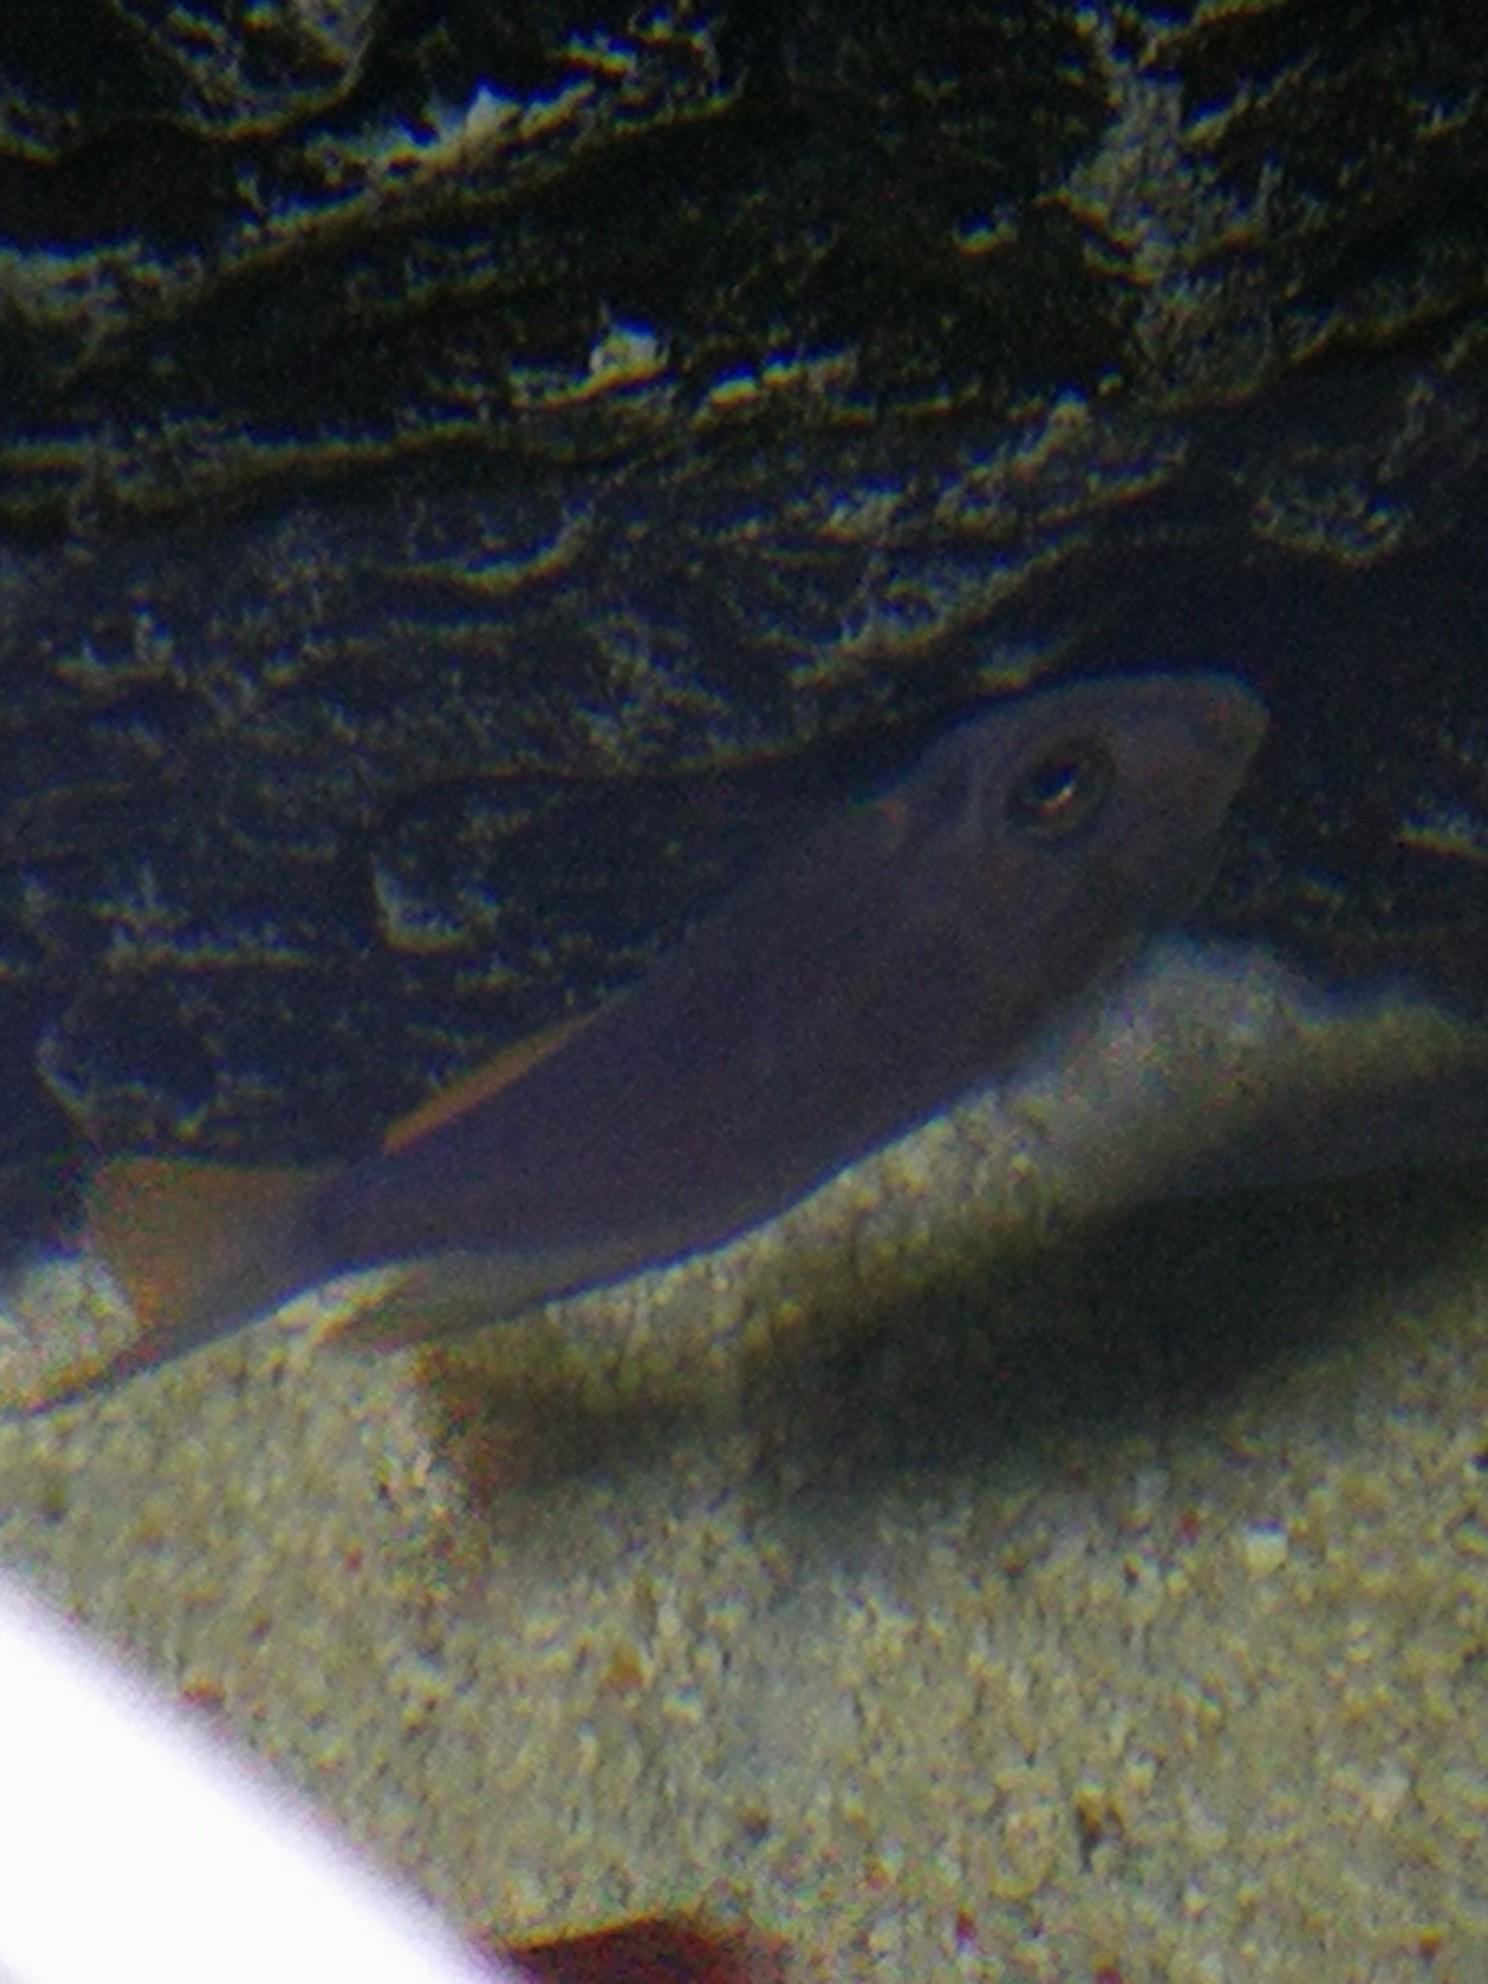 【西安观赏鱼批发】买的杂鲷但不认识有人知道这是什么鱼吗 西安龙鱼论坛 西安博特第2张